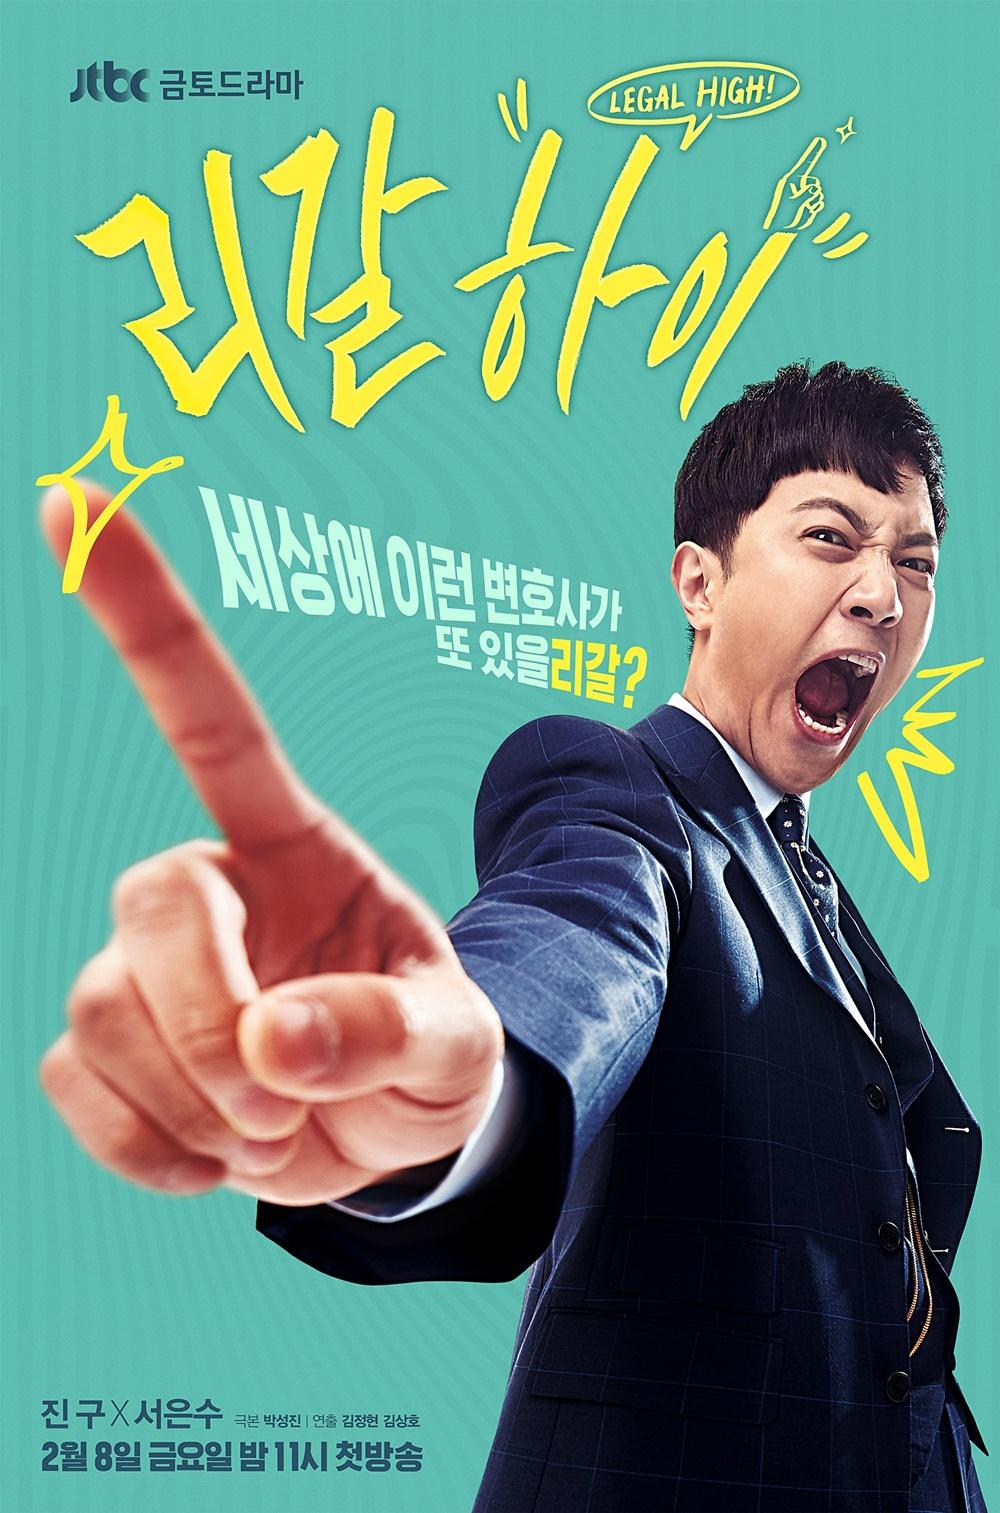 '리갈하이', 티저 포스터 공개… '괴물 변호사로 변신한 진구'